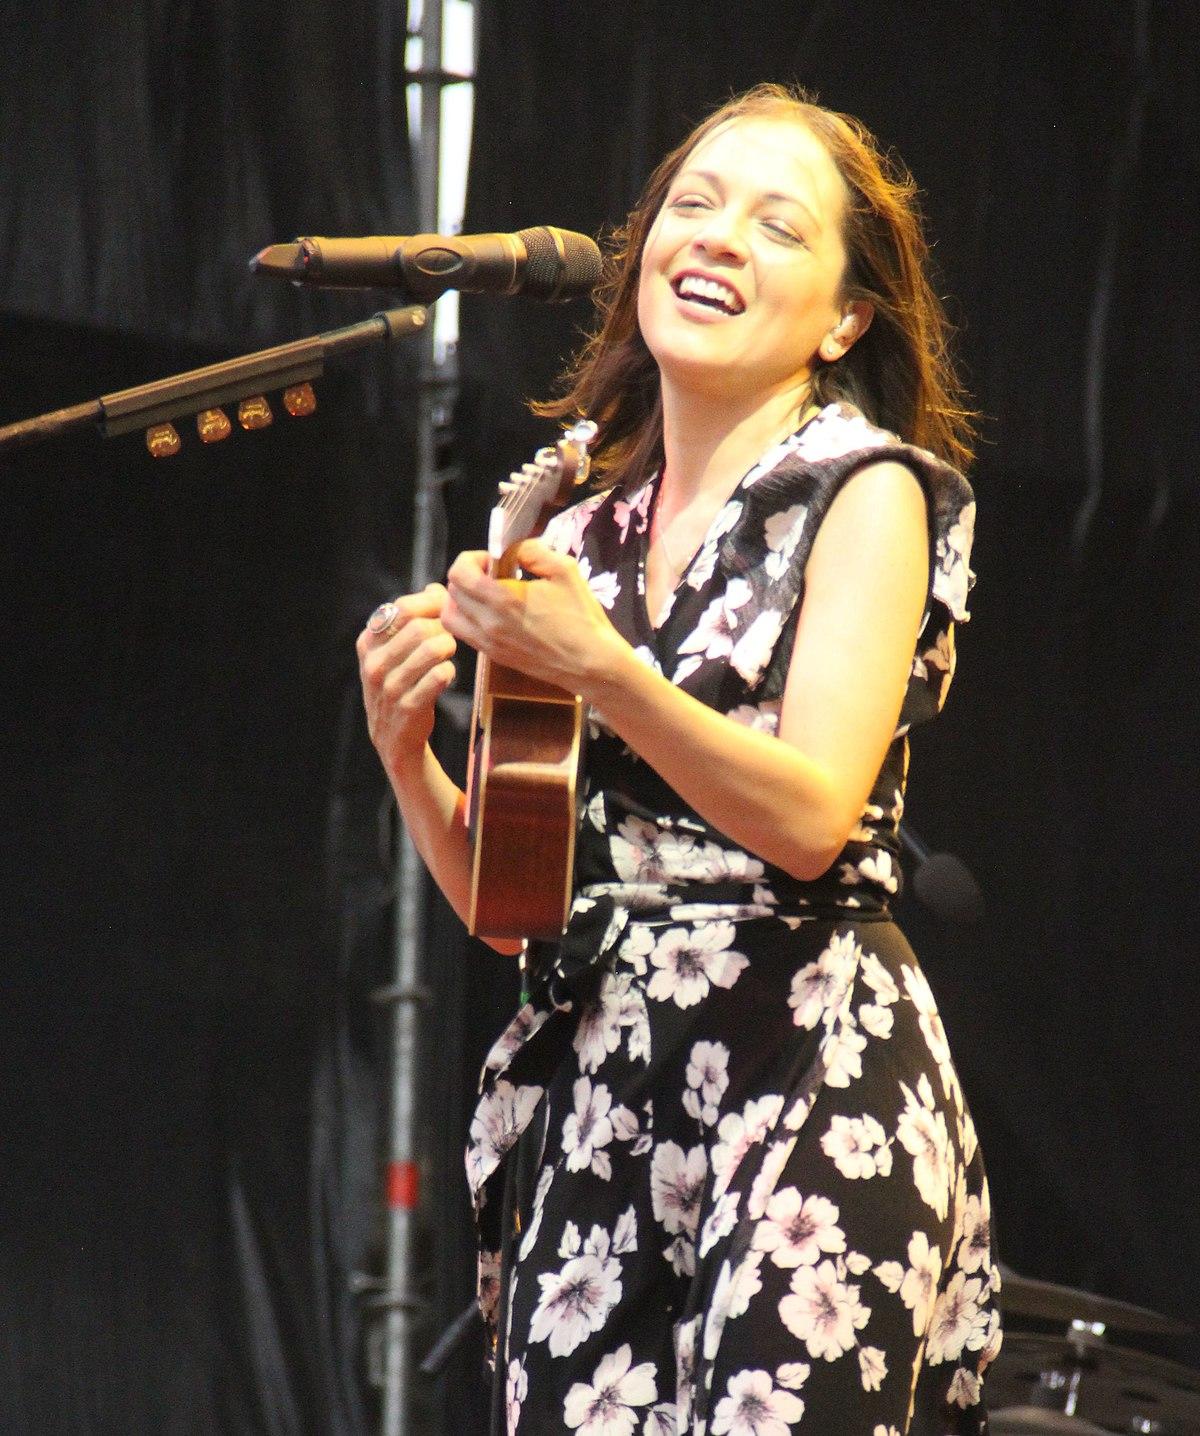 La Actriz Mexicana >> Natalia Lafourcade - Wikipedia, la enciclopedia libre